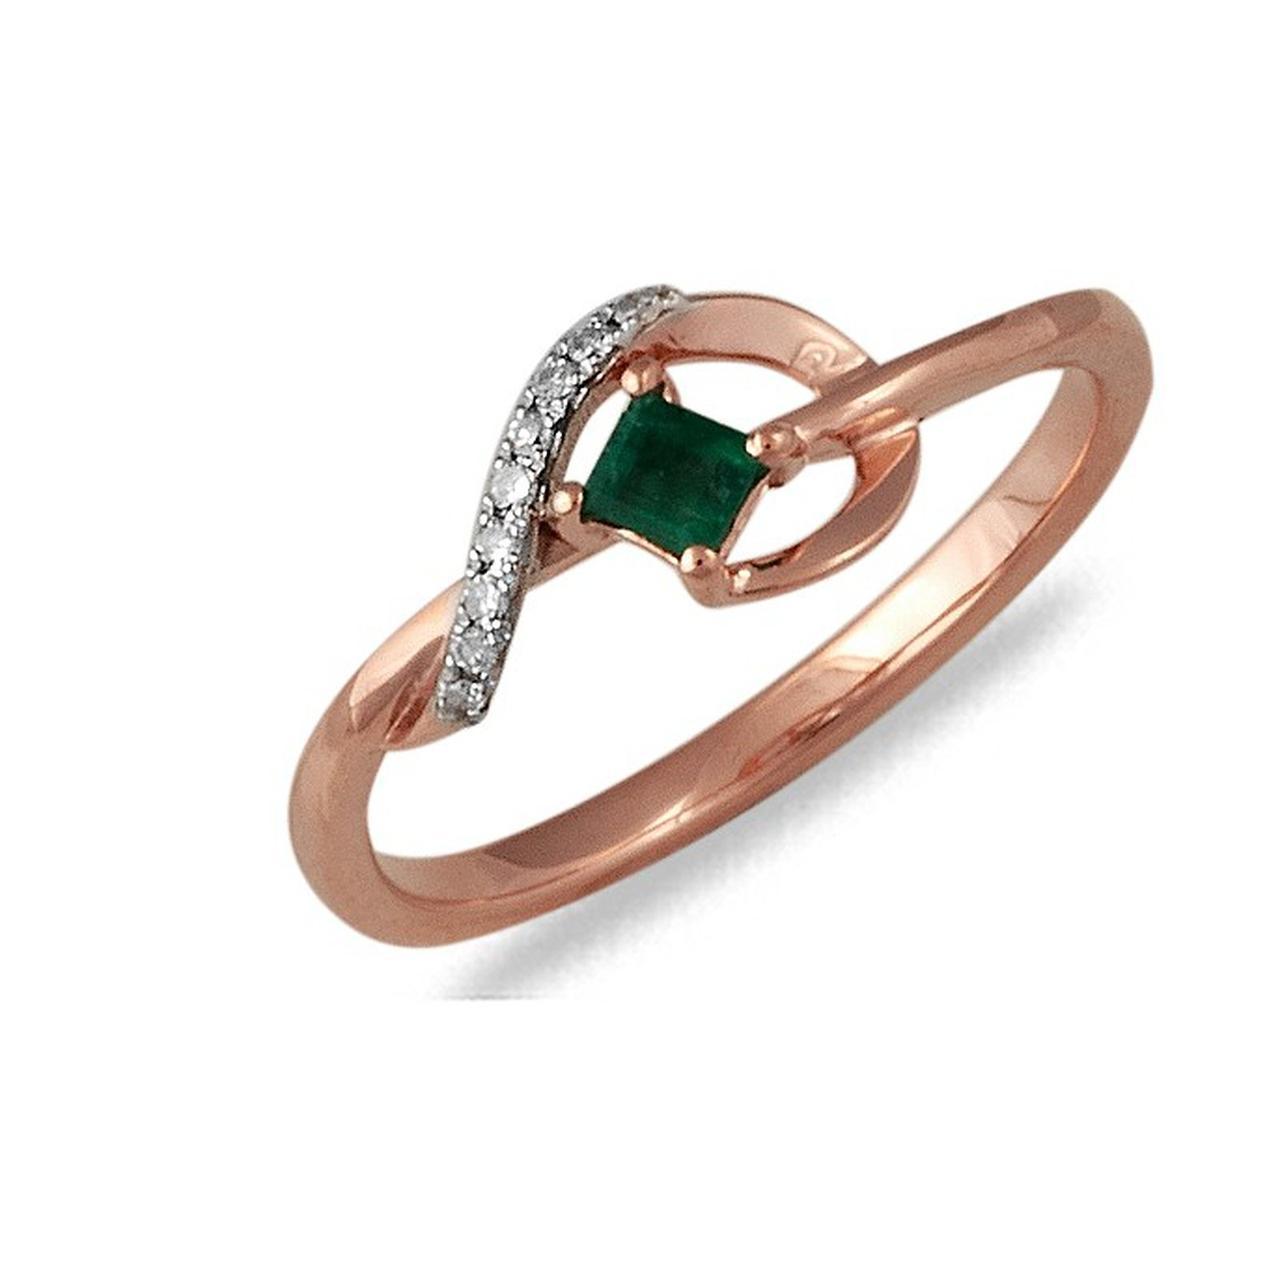 Золотое кольцо с бриллиантами и изумрудом, размер 17 (033110)